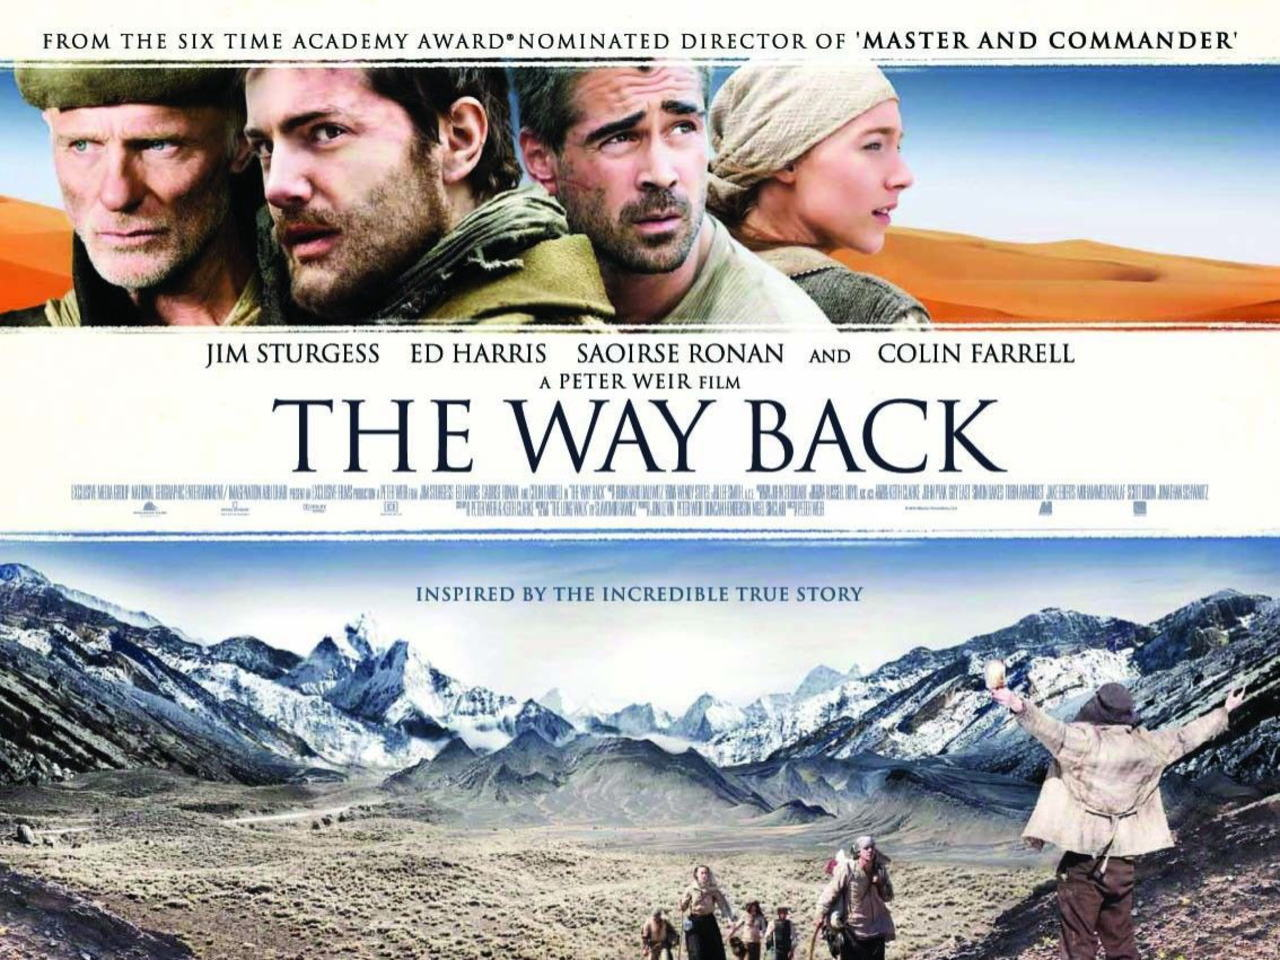 映画『ウェイバック-脱出6500km- THE WAY BACK』ポスター(5)▼ポスター画像クリックで拡大します。